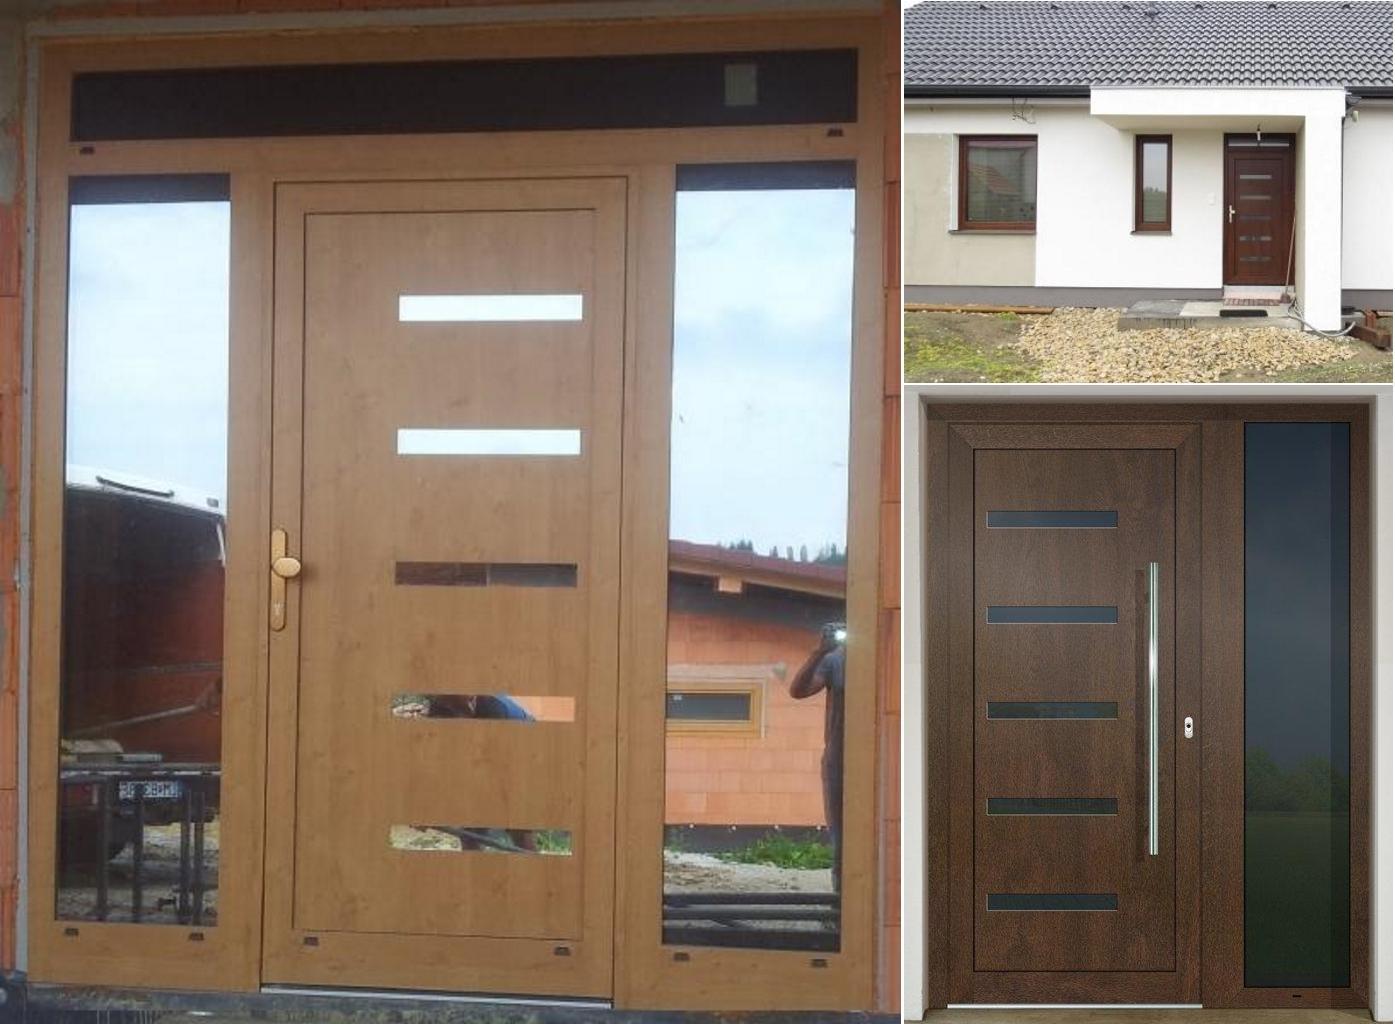 Vchodové dveře s HPL dveřní výplní - Vchodové dveře s HPL dveřní výplní GAVA 916